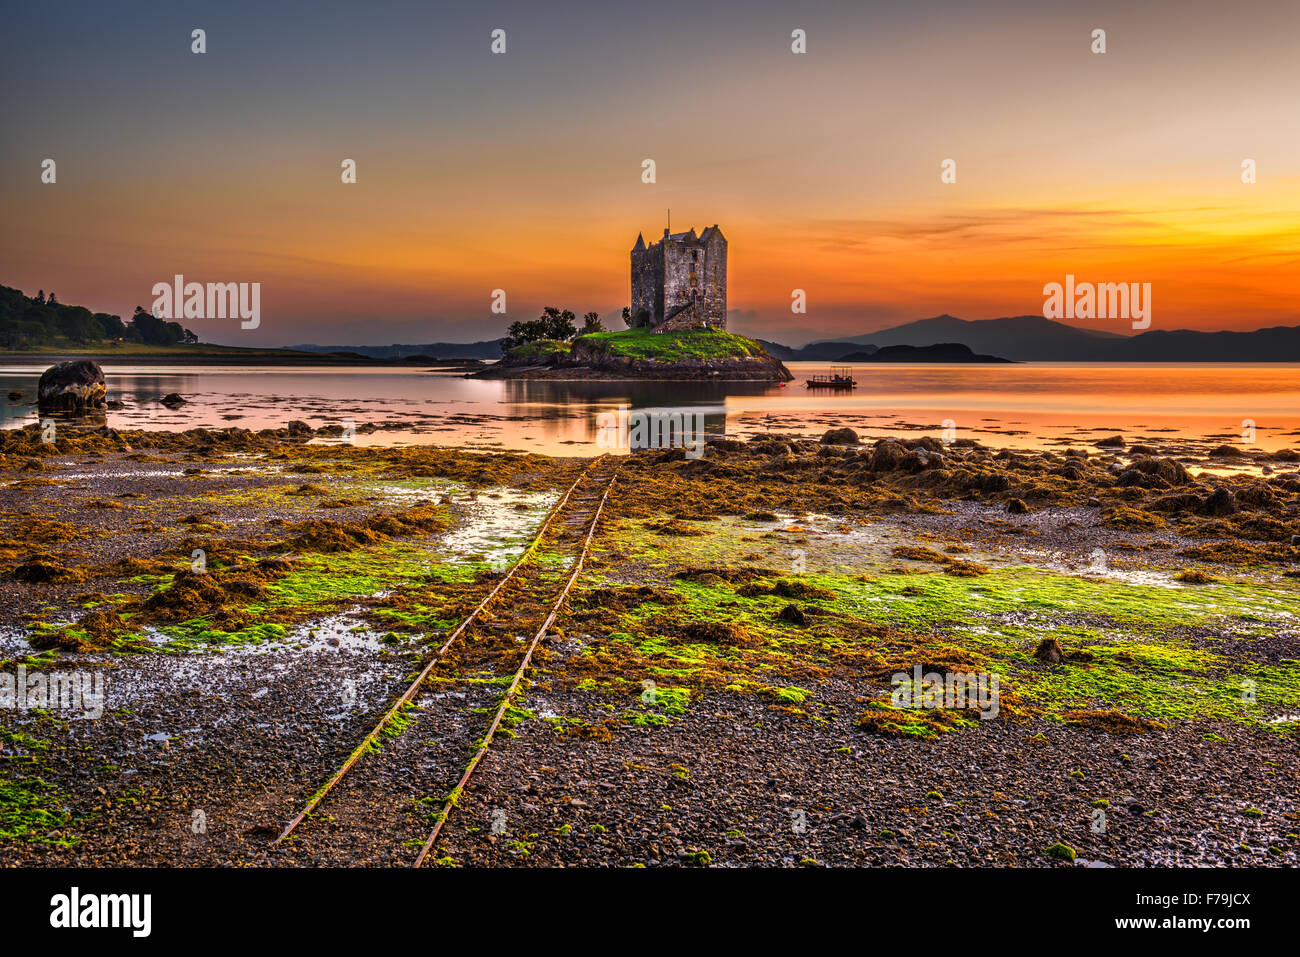 Sonnenuntergang über Castle Stalker, Highlands, Schottland, Vereinigtes Königreich. Langzeitbelichtung Stockbild